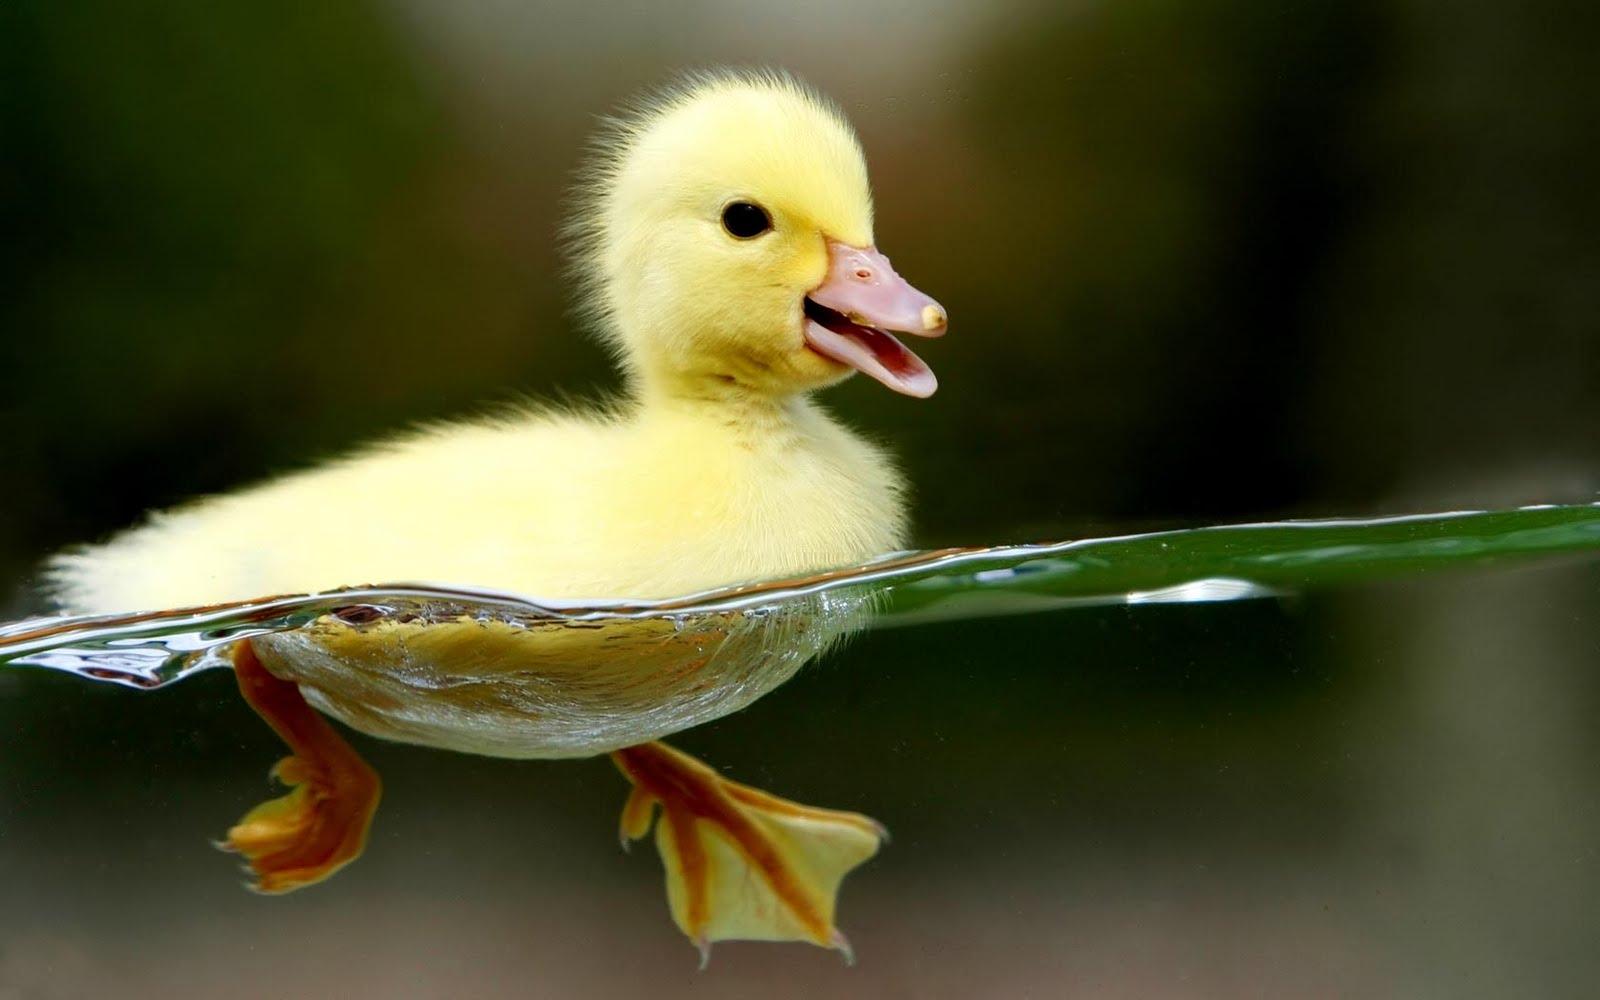 http://3.bp.blogspot.com/-VJI3QNgEJYM/TVlt_fv6oiI/AAAAAAAAAMU/ev8LEwDAXGg/s1600/Duckling_hd_wallpaper.jpg